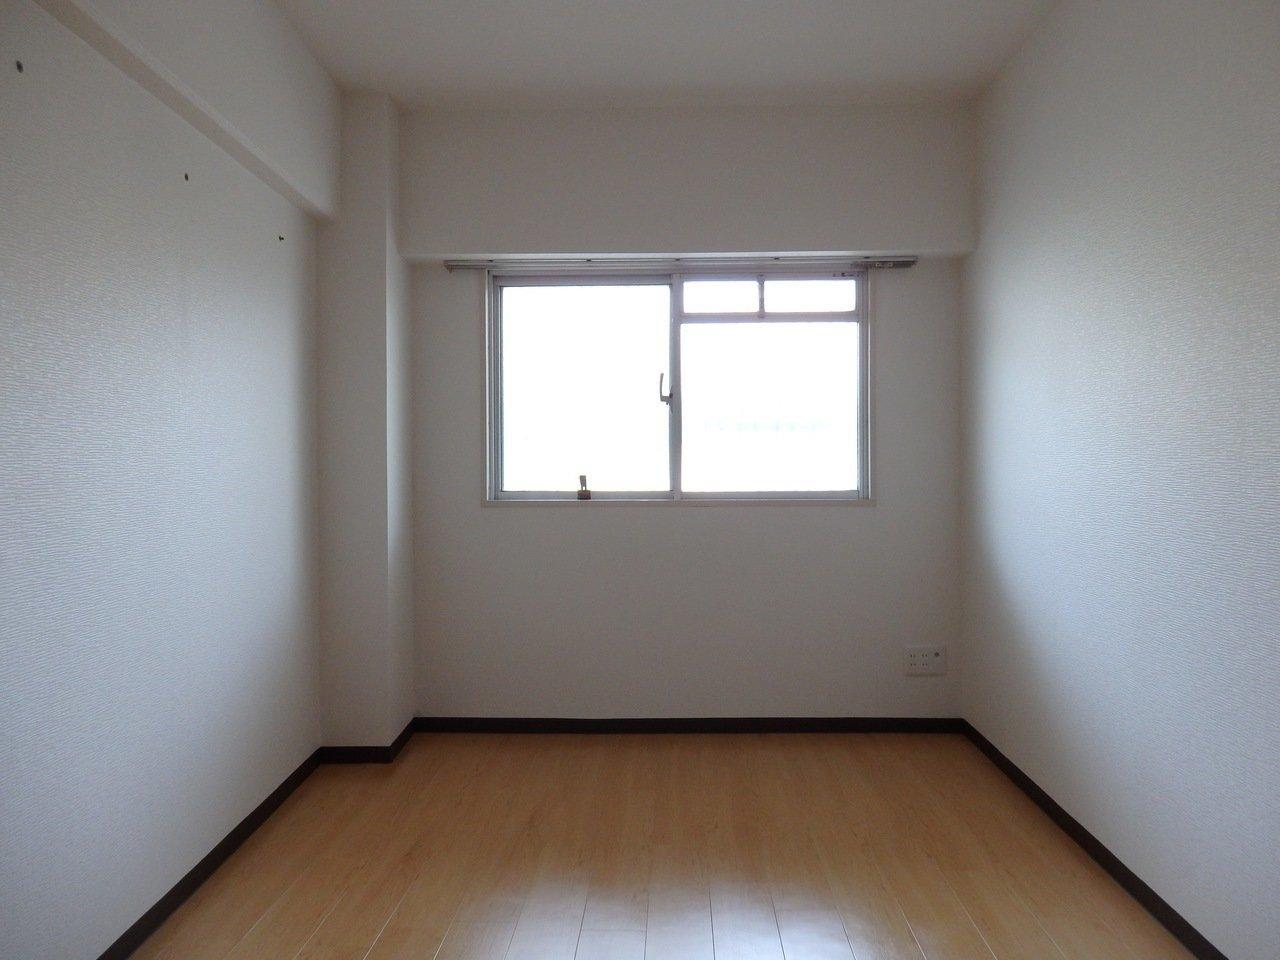 寝室は若干コンパクト。ベッドのサイズはしっかり計ってから買ったほうがよさそうです。